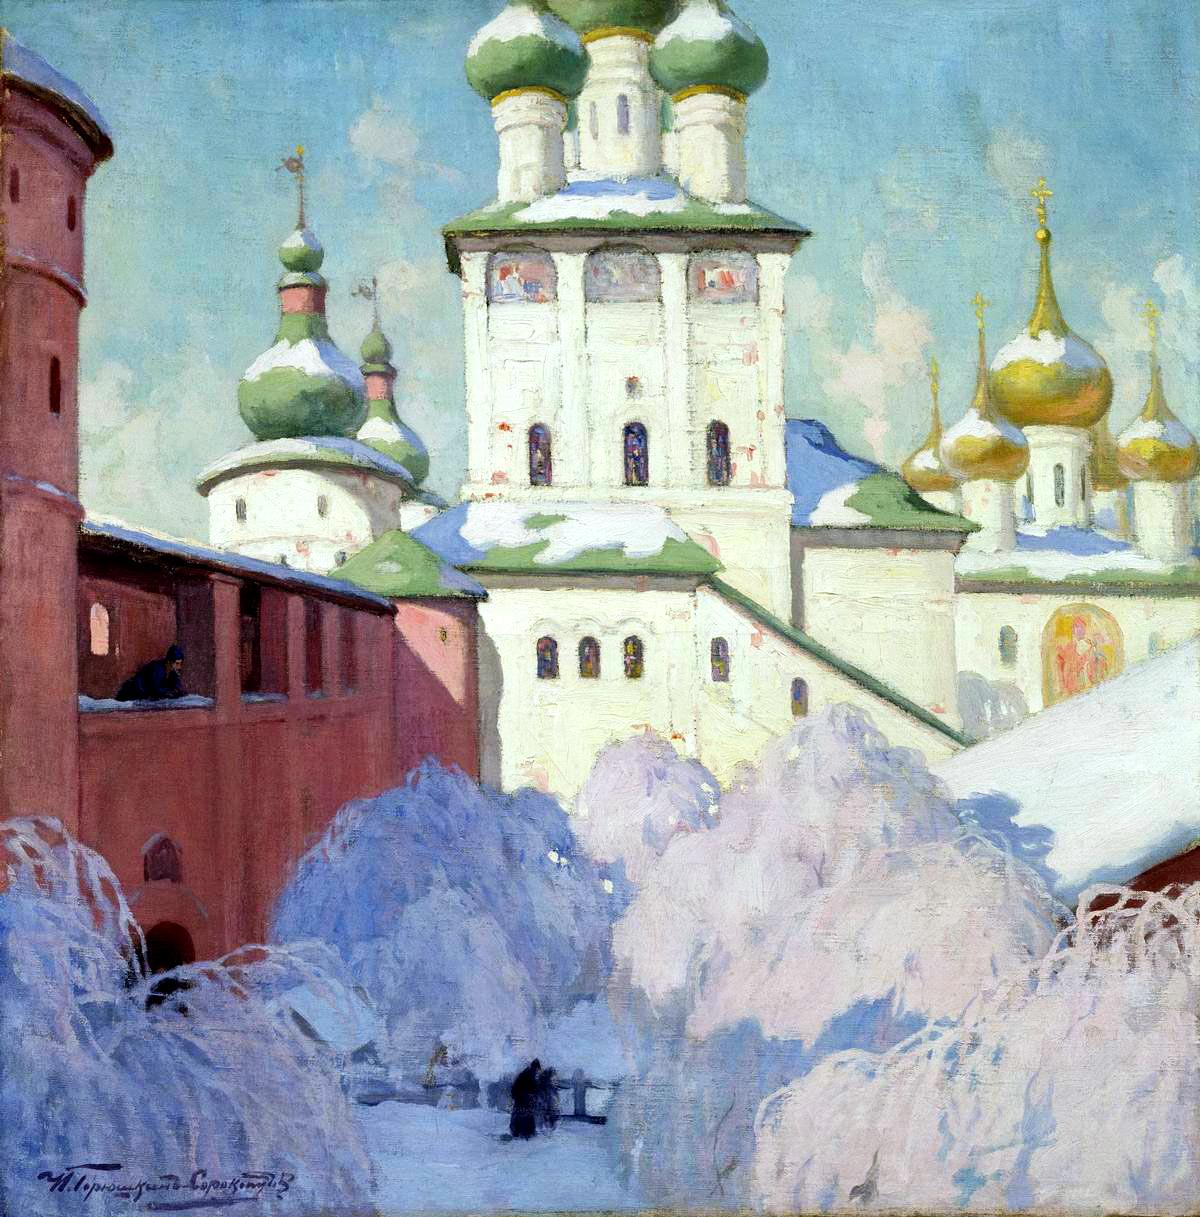 ГОРЮШКИН-СОРОКОПУДОВ Иван - Зима. Ростовский Кремль